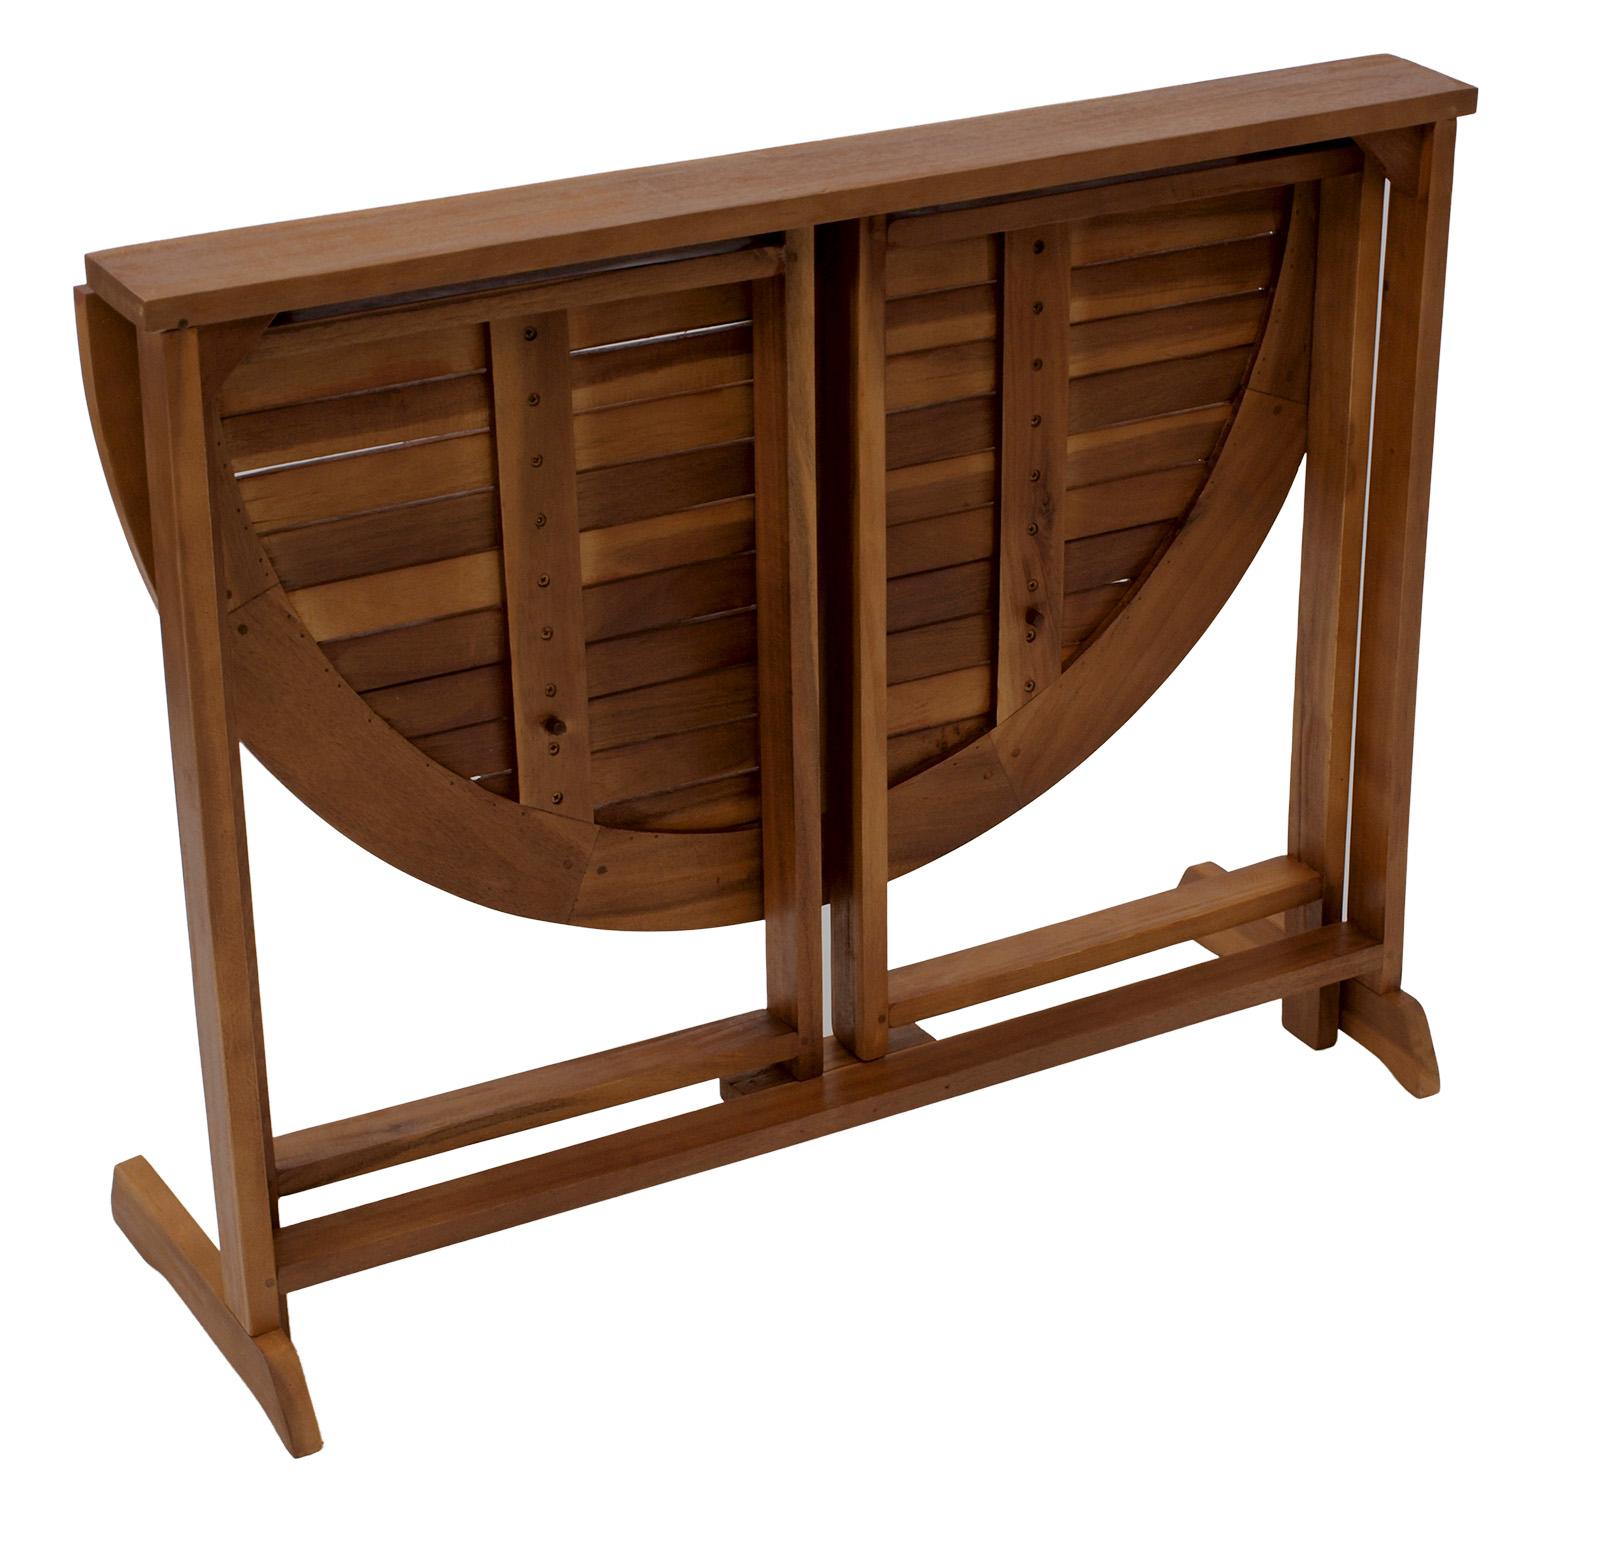 klappentisch klapptisch balkontisch halbrund aus akazienholz 90x60cm ge lt ebay. Black Bedroom Furniture Sets. Home Design Ideas